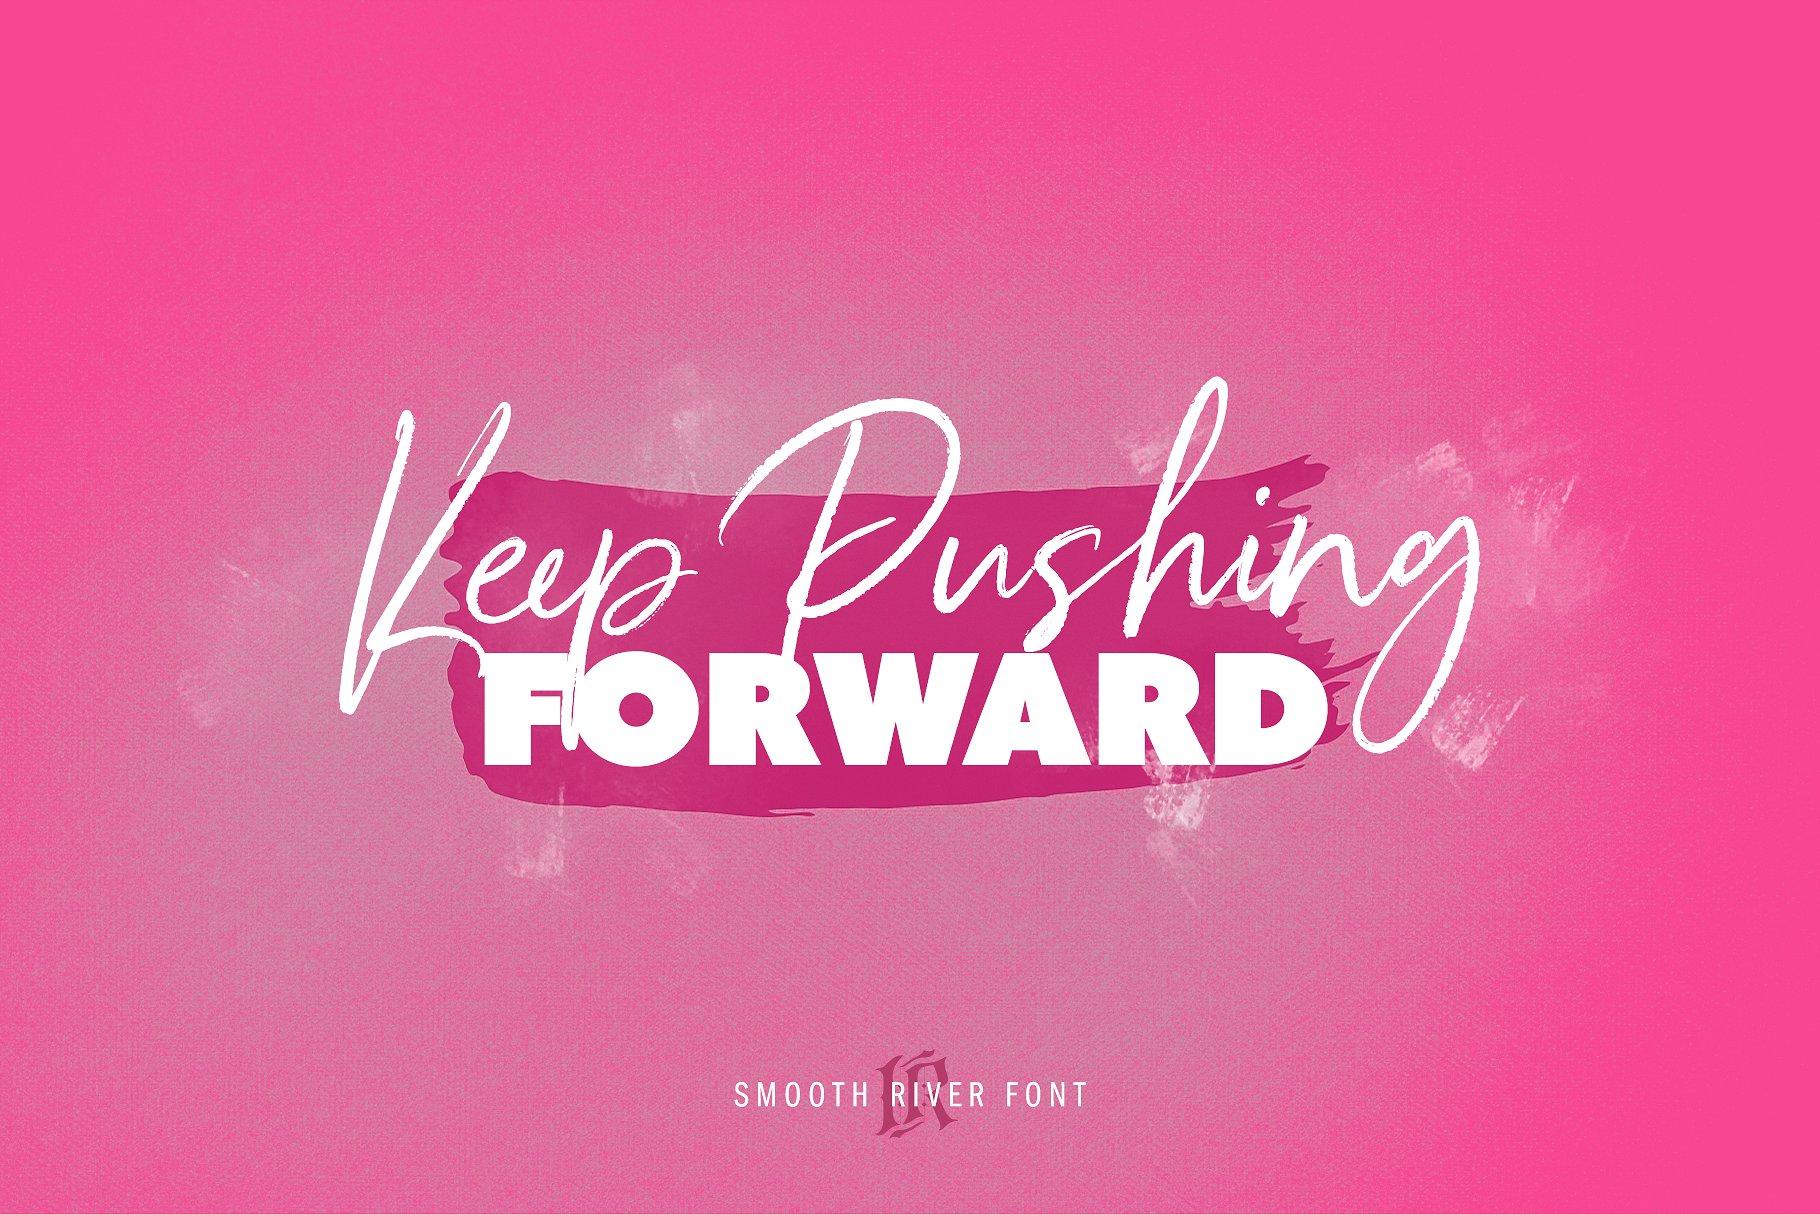 02 keeppushing